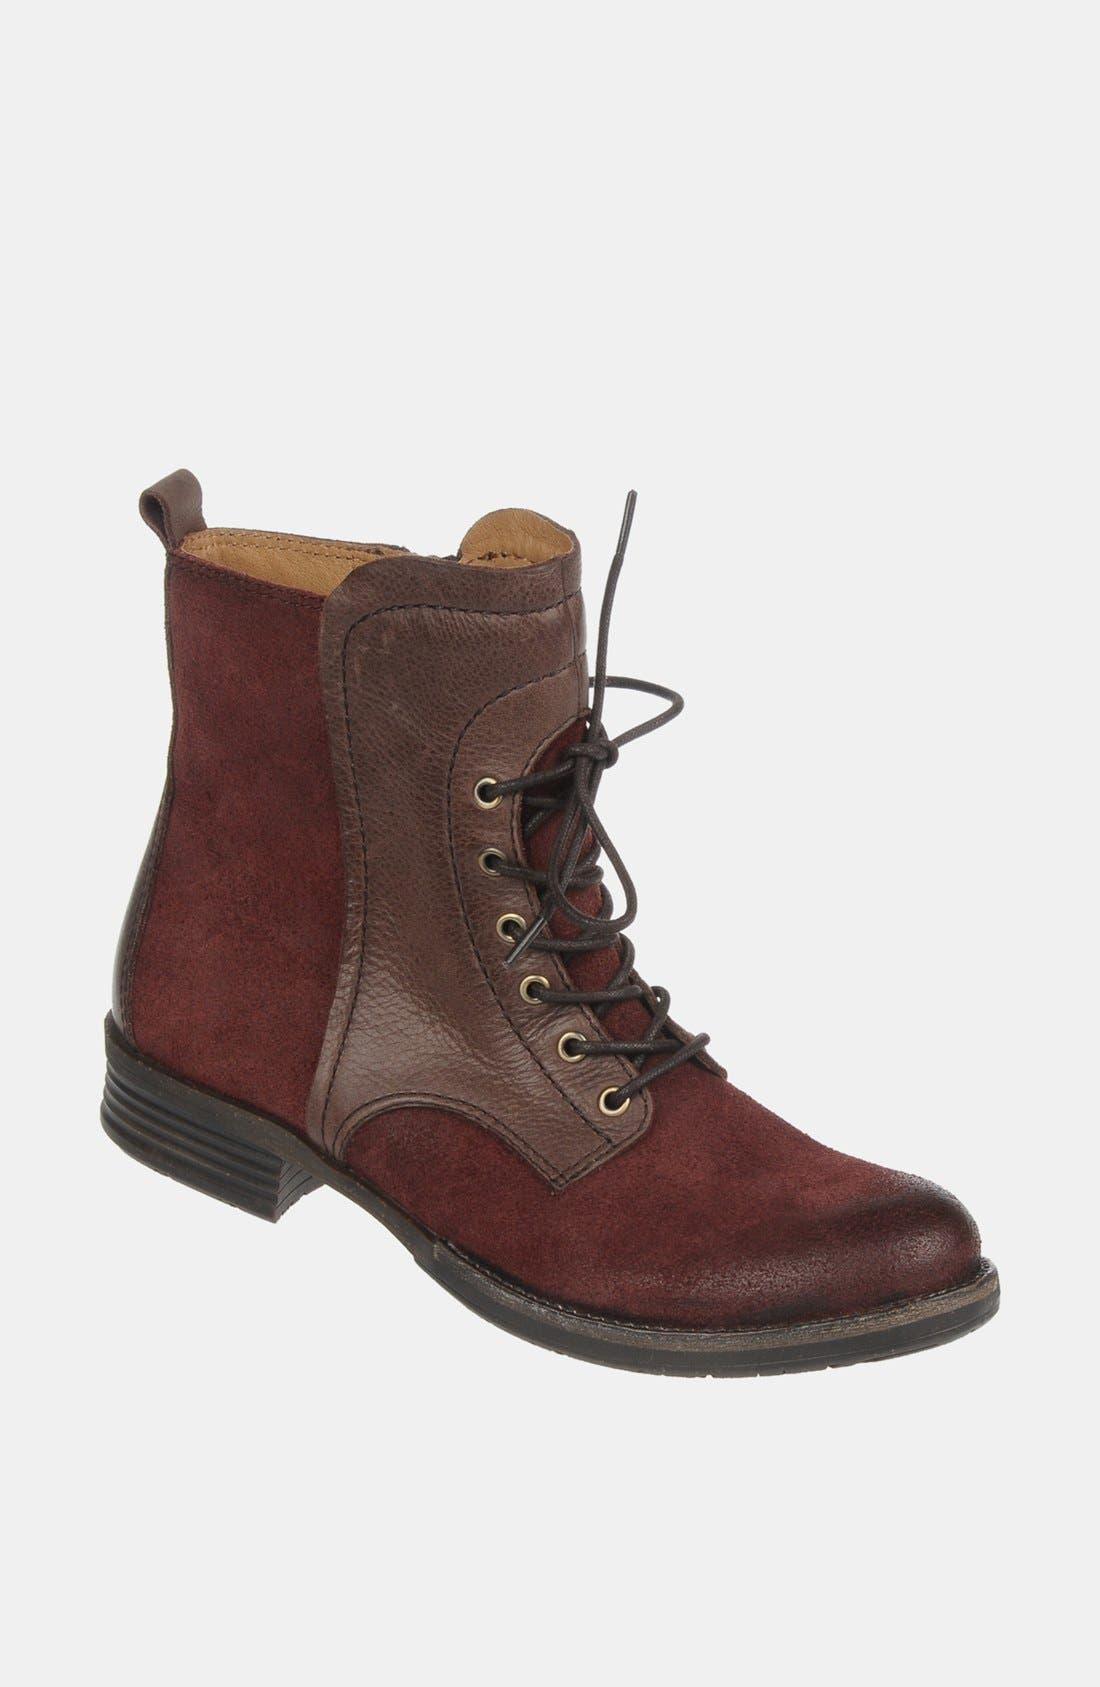 Main Image - Naya 'Agave' Boot